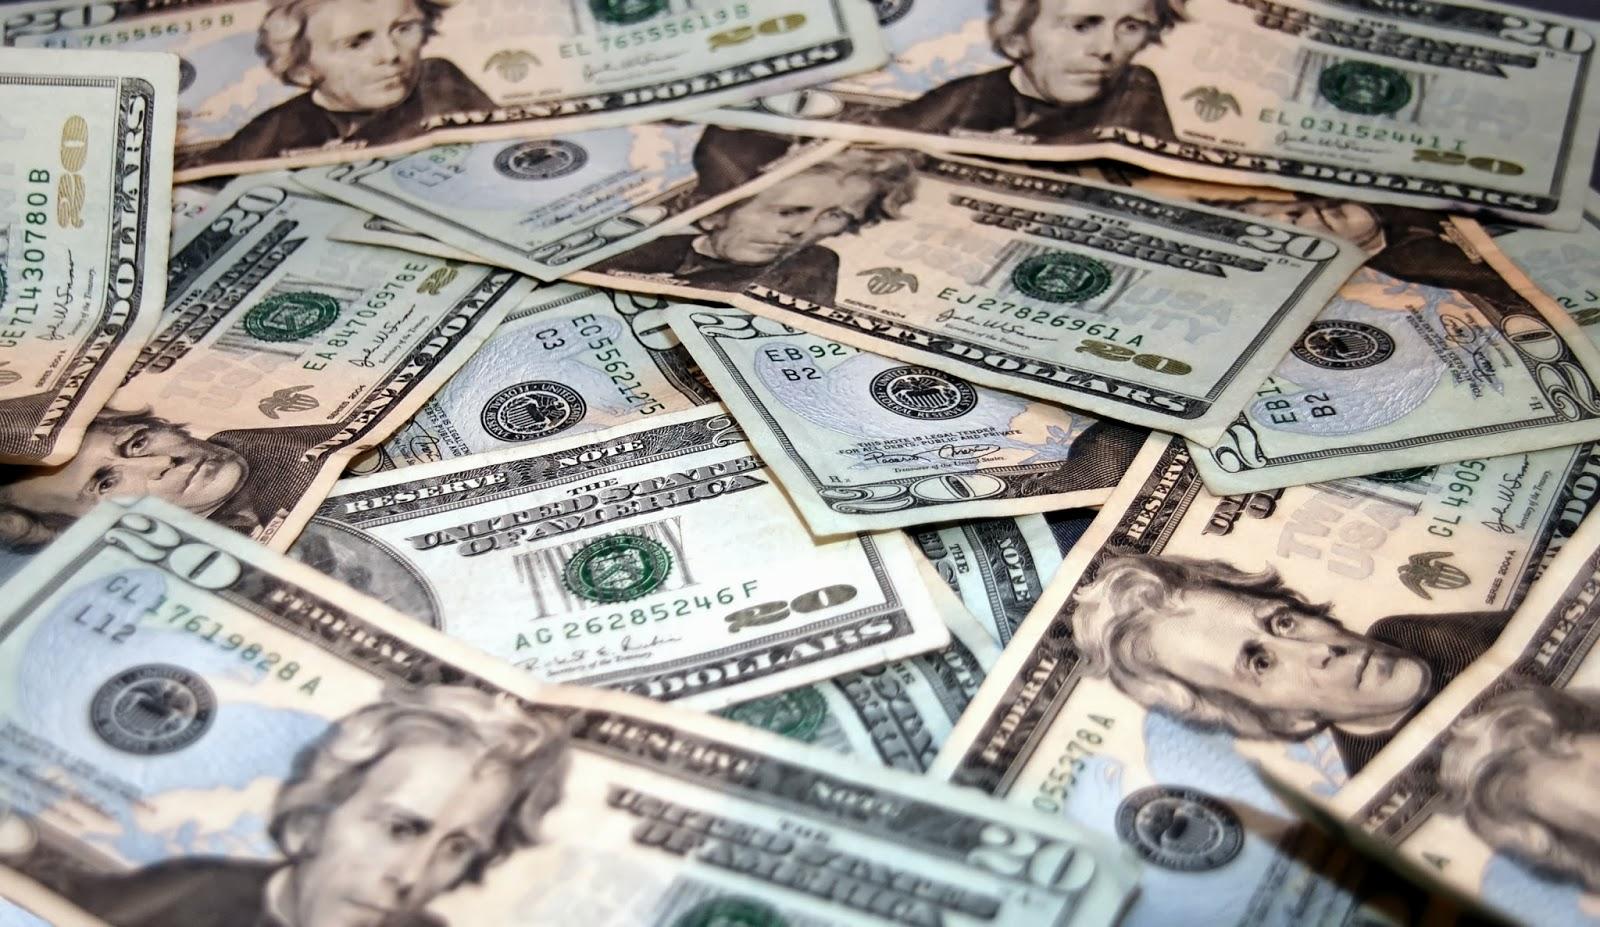 Cash accumulating